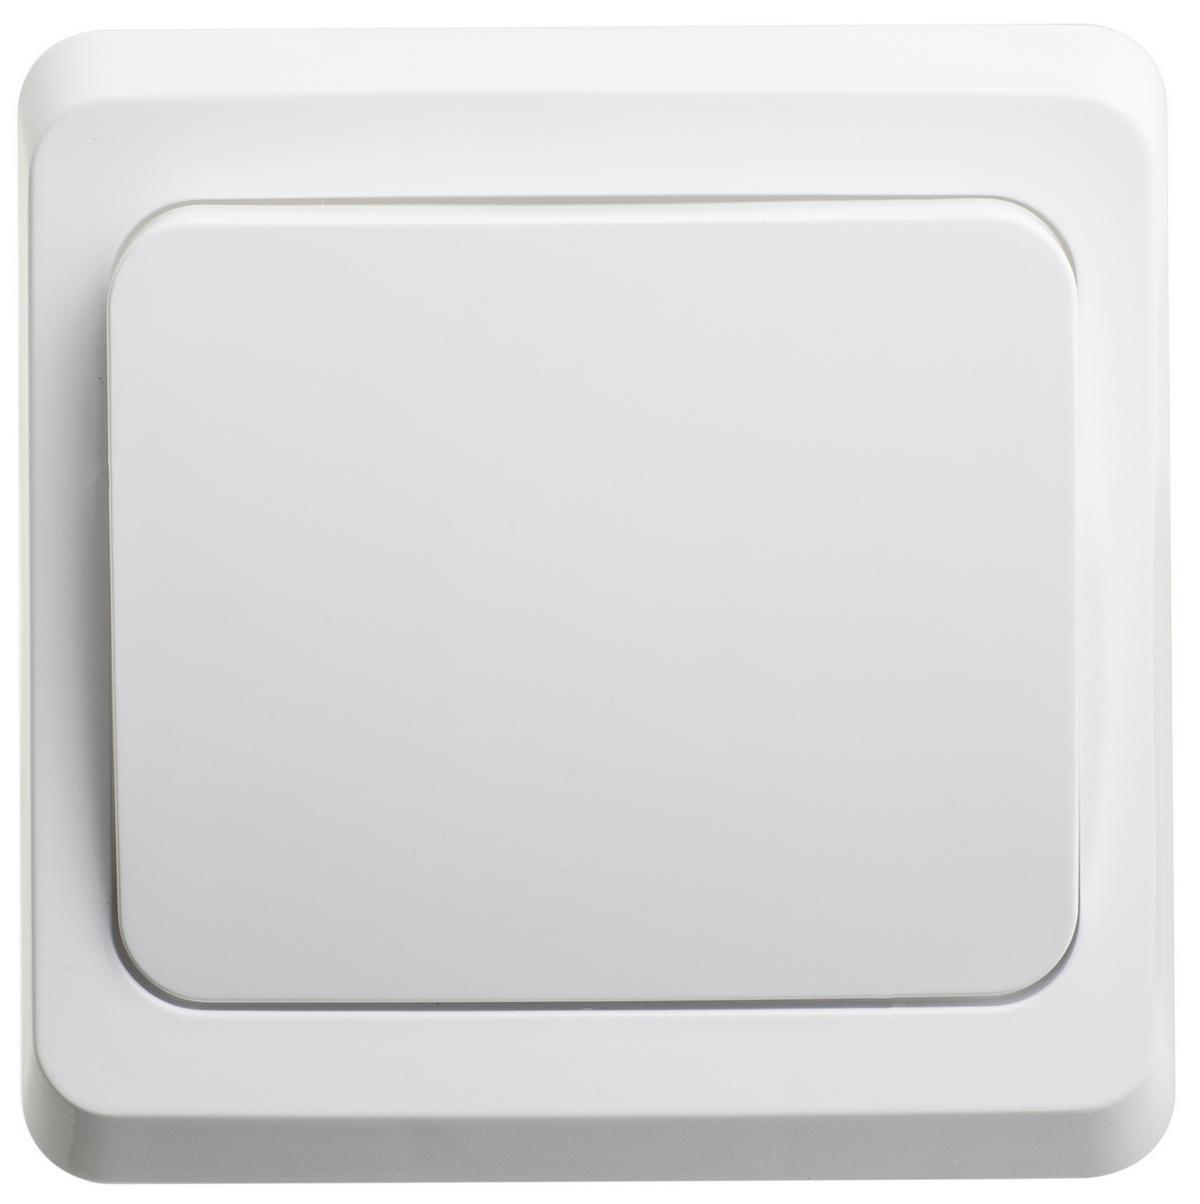 Выключатель Schneider electric Bc10-001b Этюд